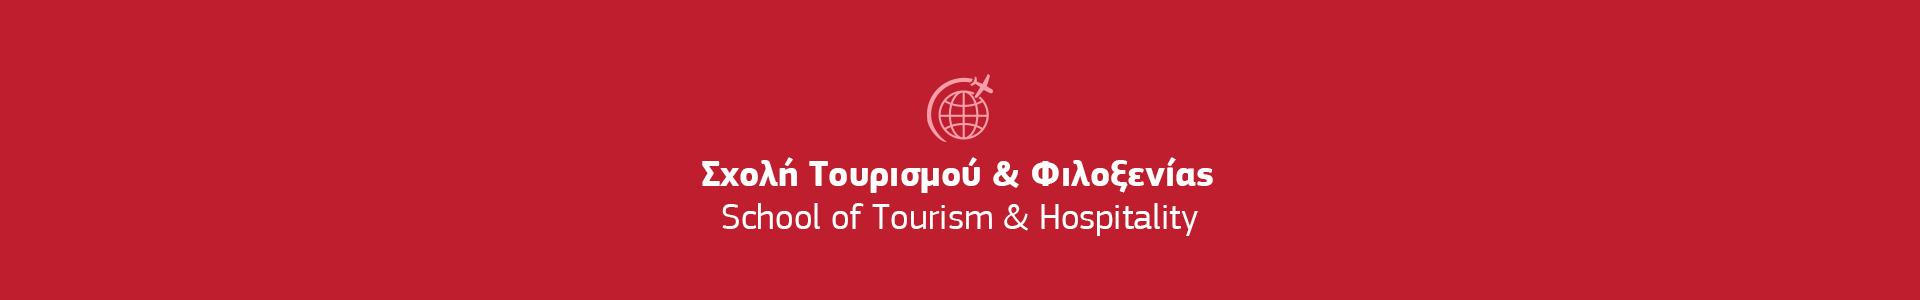 1920x300_tourism&hospitality-school